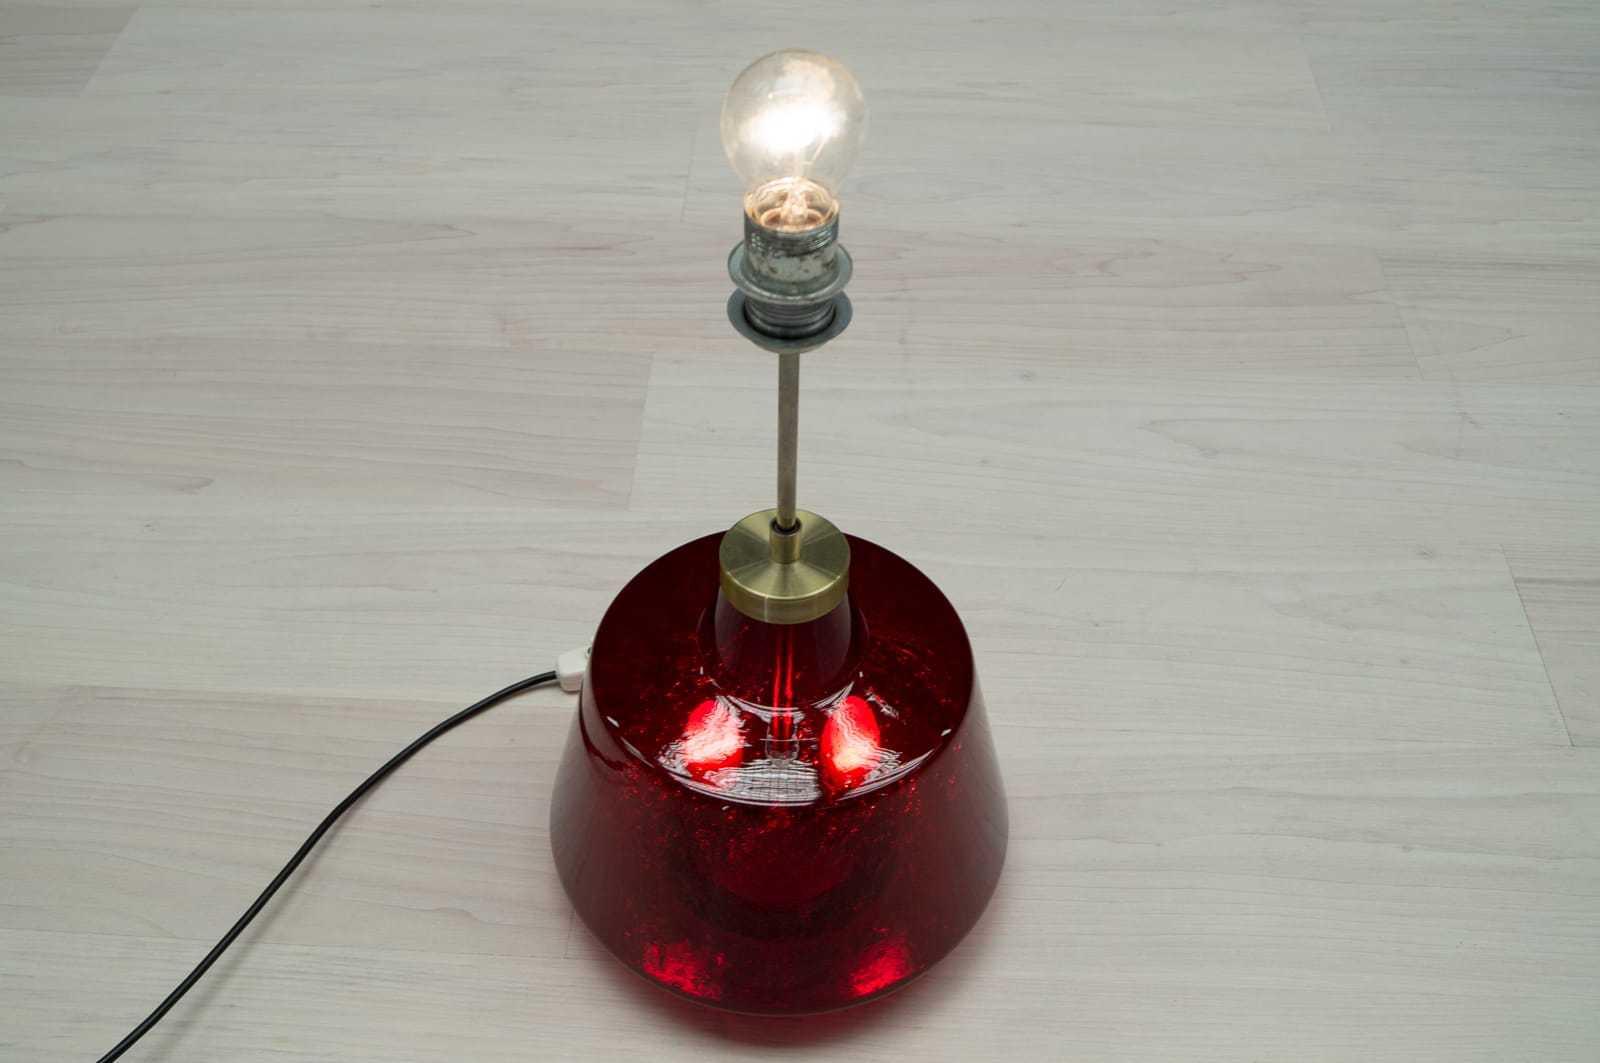 rot beleuchteter glasfu doria glas stehlampe lampe ohne schirm 60er 70er ebay. Black Bedroom Furniture Sets. Home Design Ideas